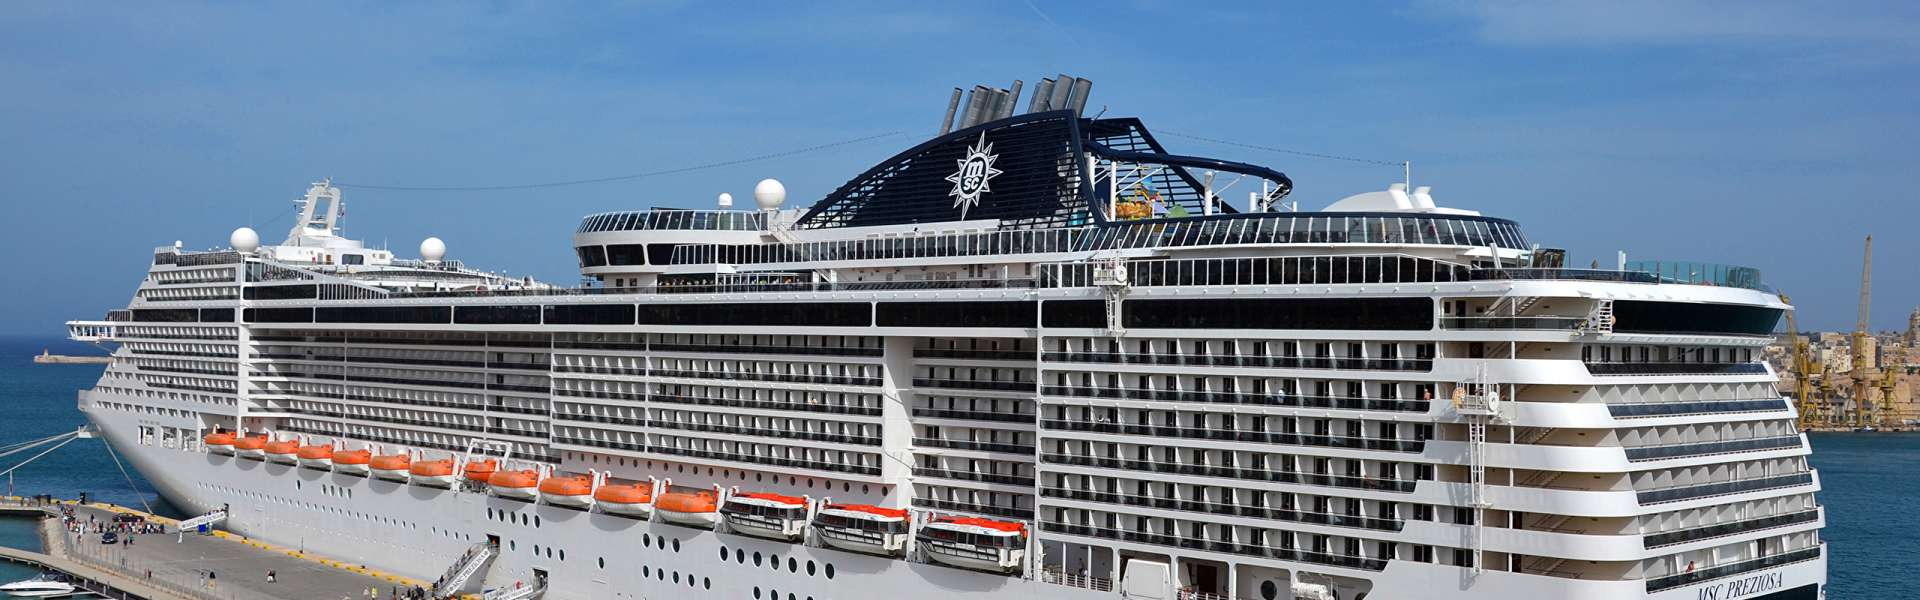 Croaziera de Grup Organizat cu Zbor Inclus 2019 - Islanda si Europa de Nord (Hamburg) - MSC Cruises - MSC Preziosa - 11 nopti